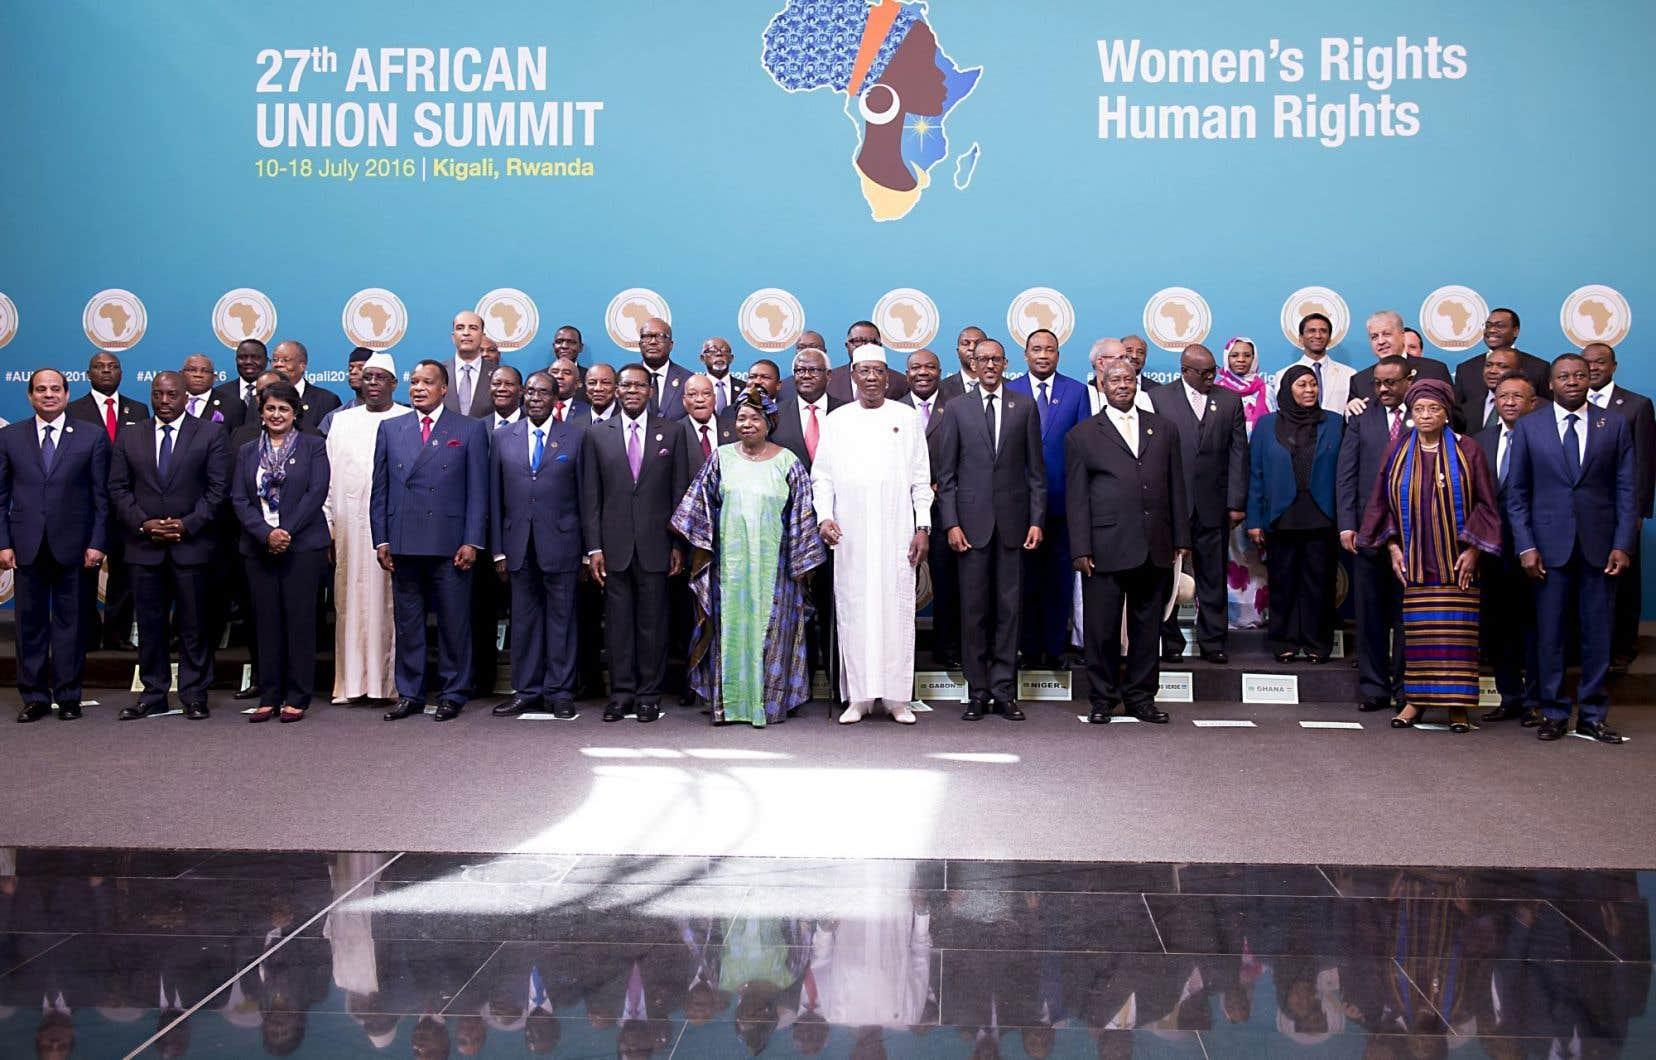 Les dirigeants africains étaient présents au sommet de Kigali.